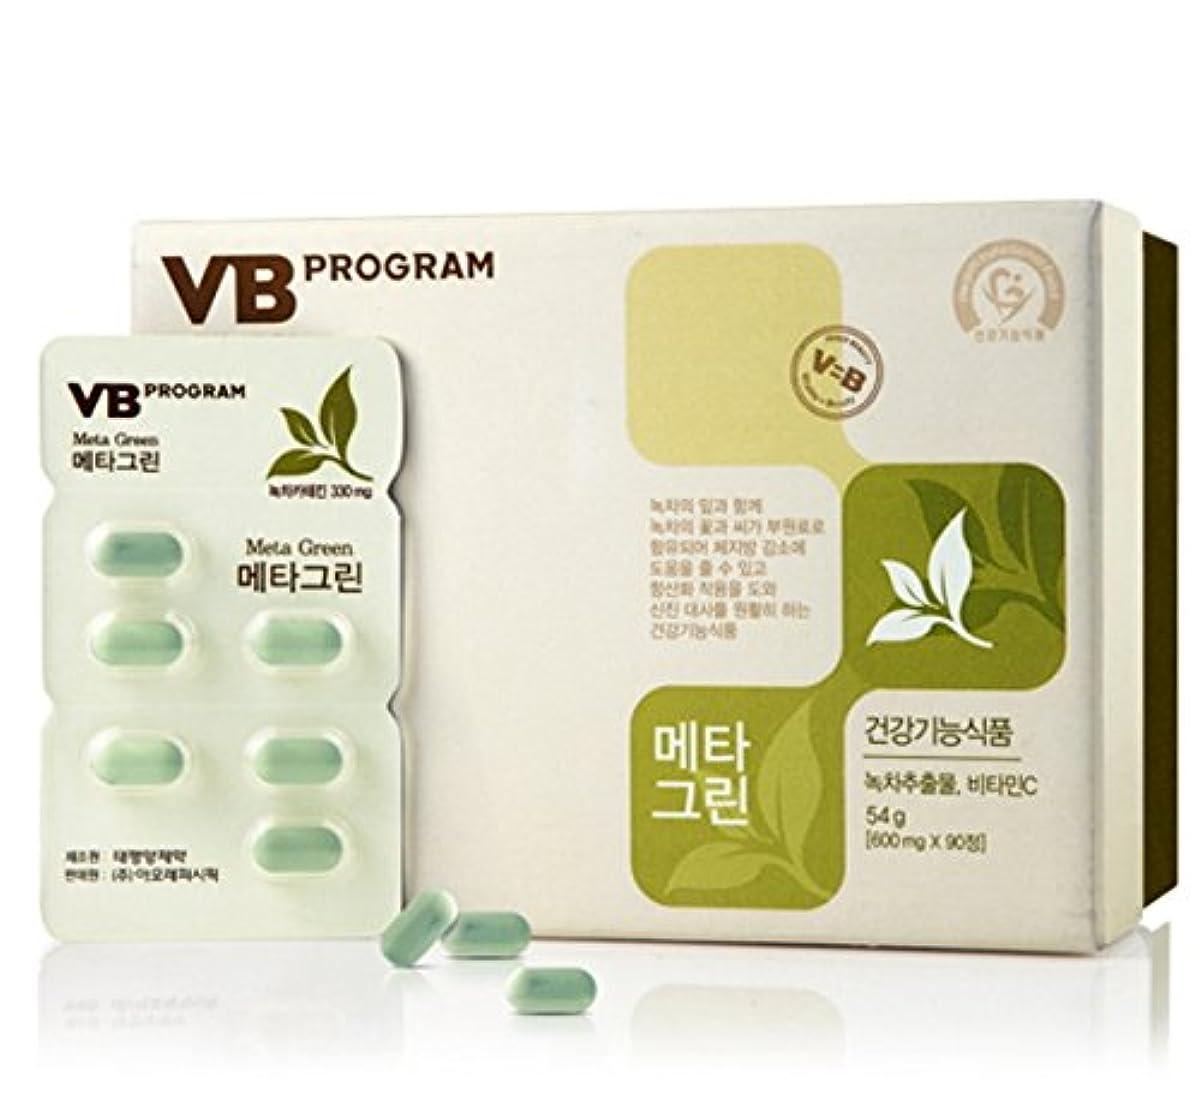 トランペット投資視聴者Vb Program Meta Green 600mg X 90 Pills 54g for Women Weight Control Green Tea[並行輸入品]